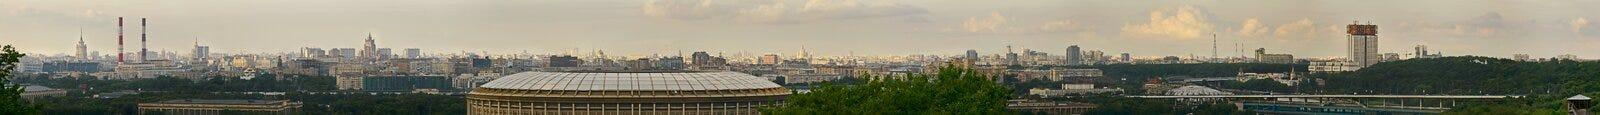 Vue panoramique de Moscou centrale Russie Photographie stock